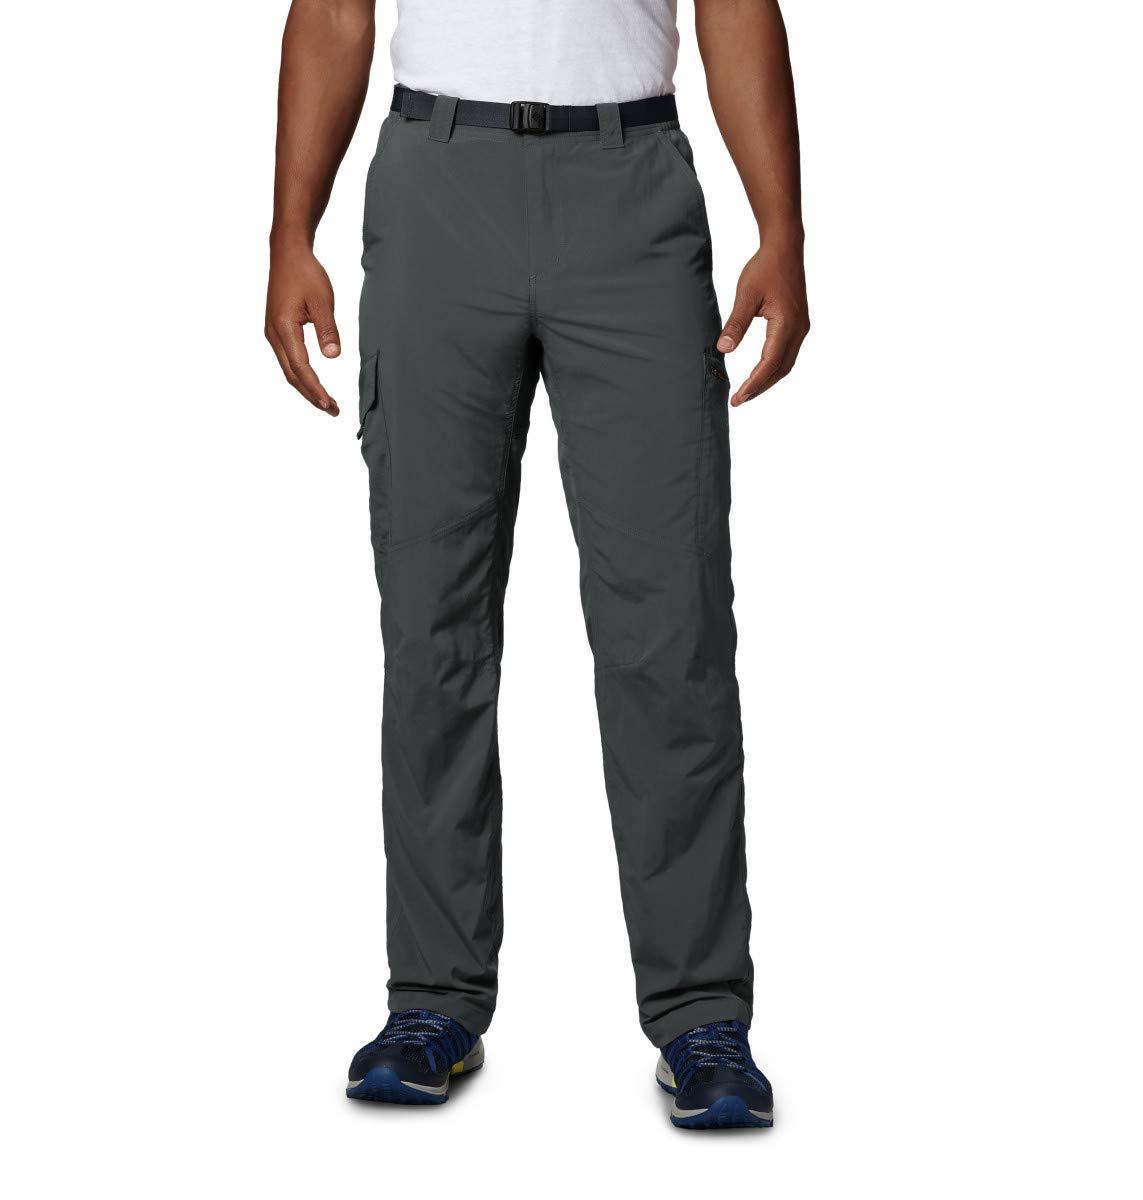 Columbia Cargo Wanderhose für Herren, Silver Ridge Cargo Pant, Nylon, grau (Gri